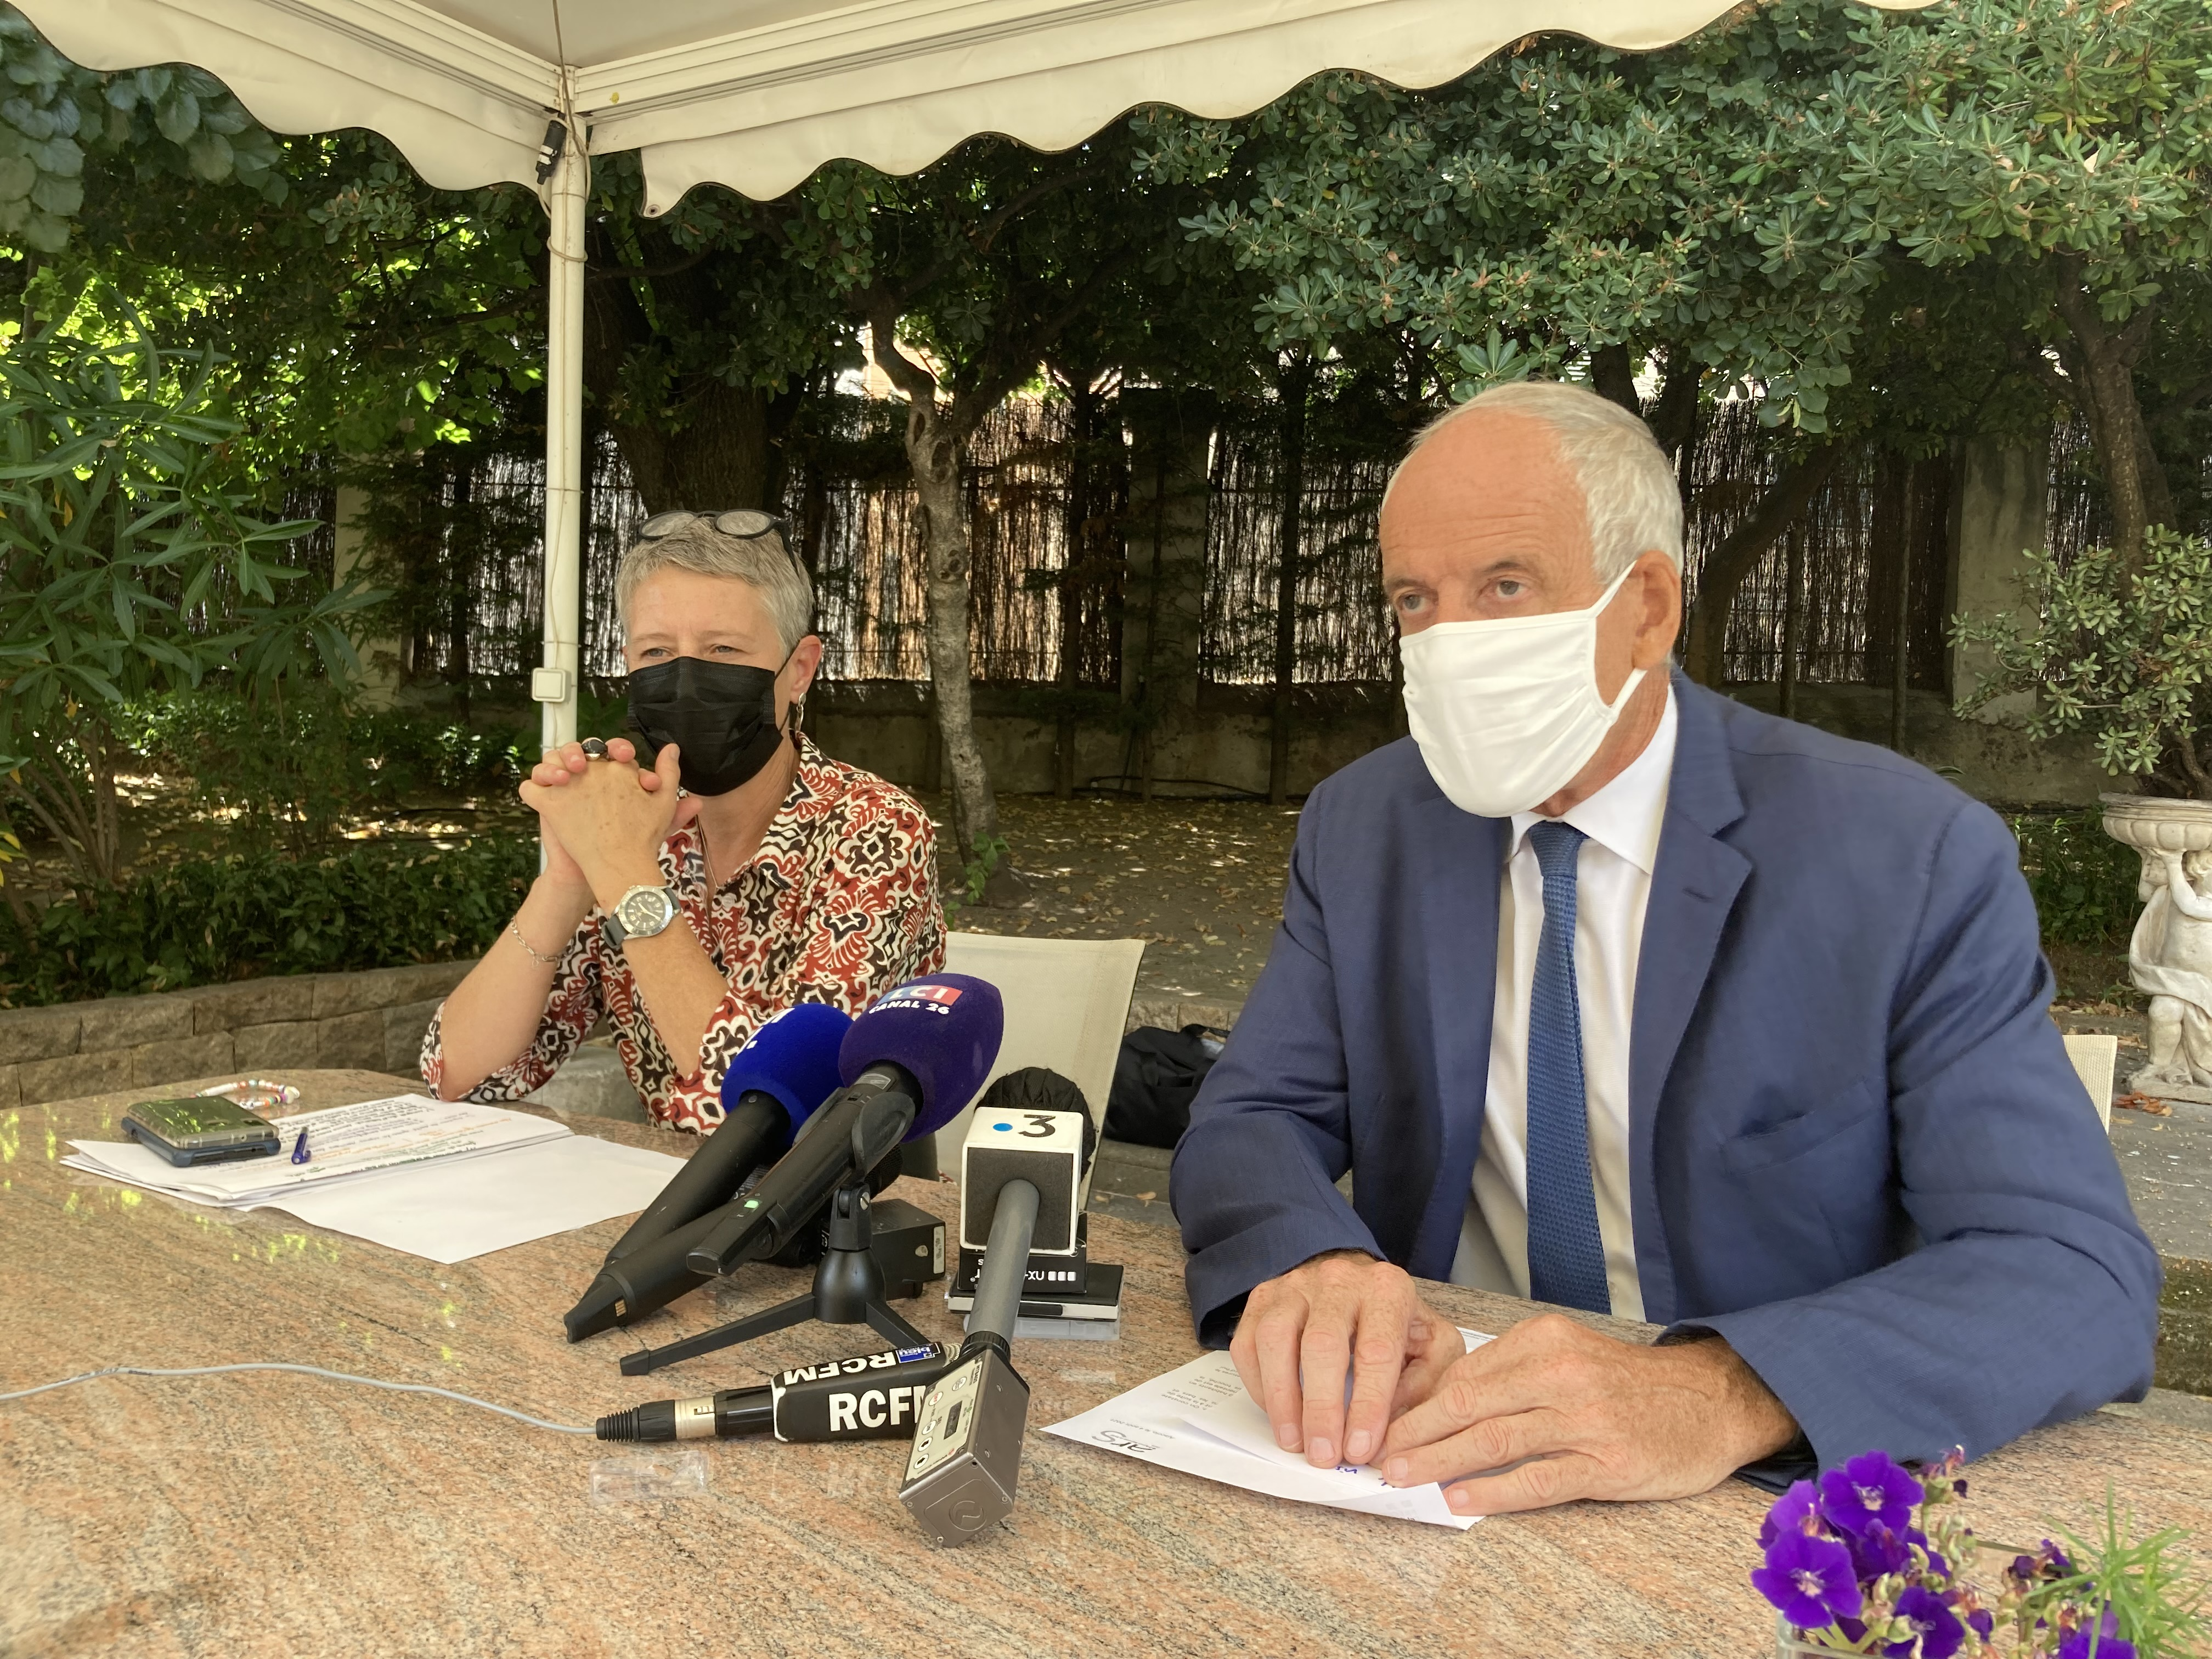 La directrice de l'ARS Marie-Hélène Lecenne et le préfet Pascal Lelarge ont tenu une conférence de presse à Ajaccio ce mercredi 4 août. Photo : Julia Sereni